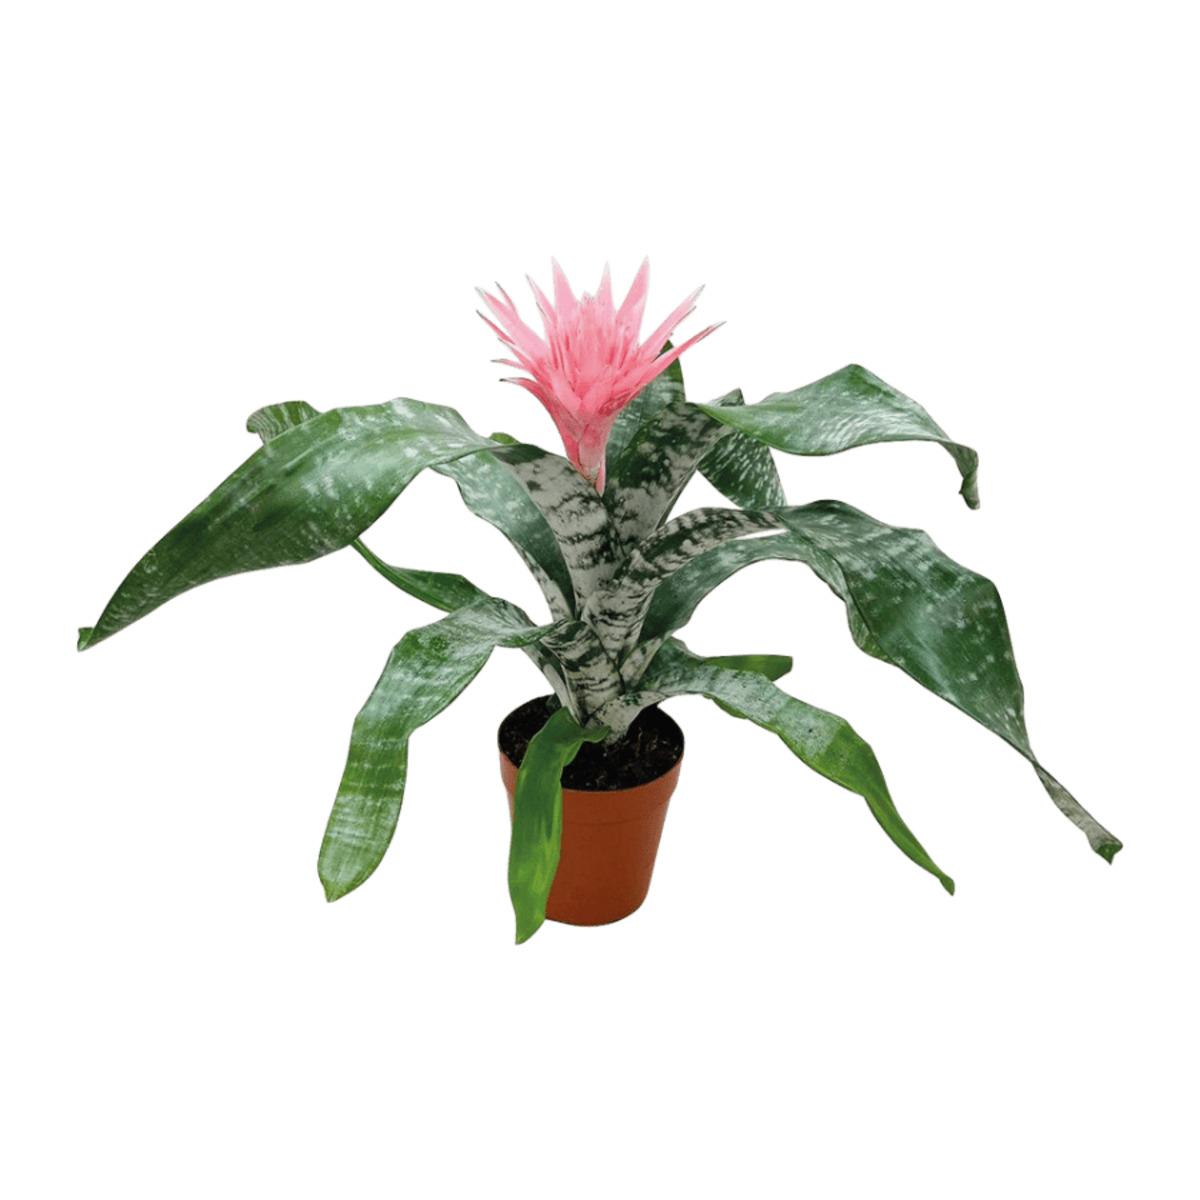 Bild 5 von GARDENLINE     Exotische Blühpflanze